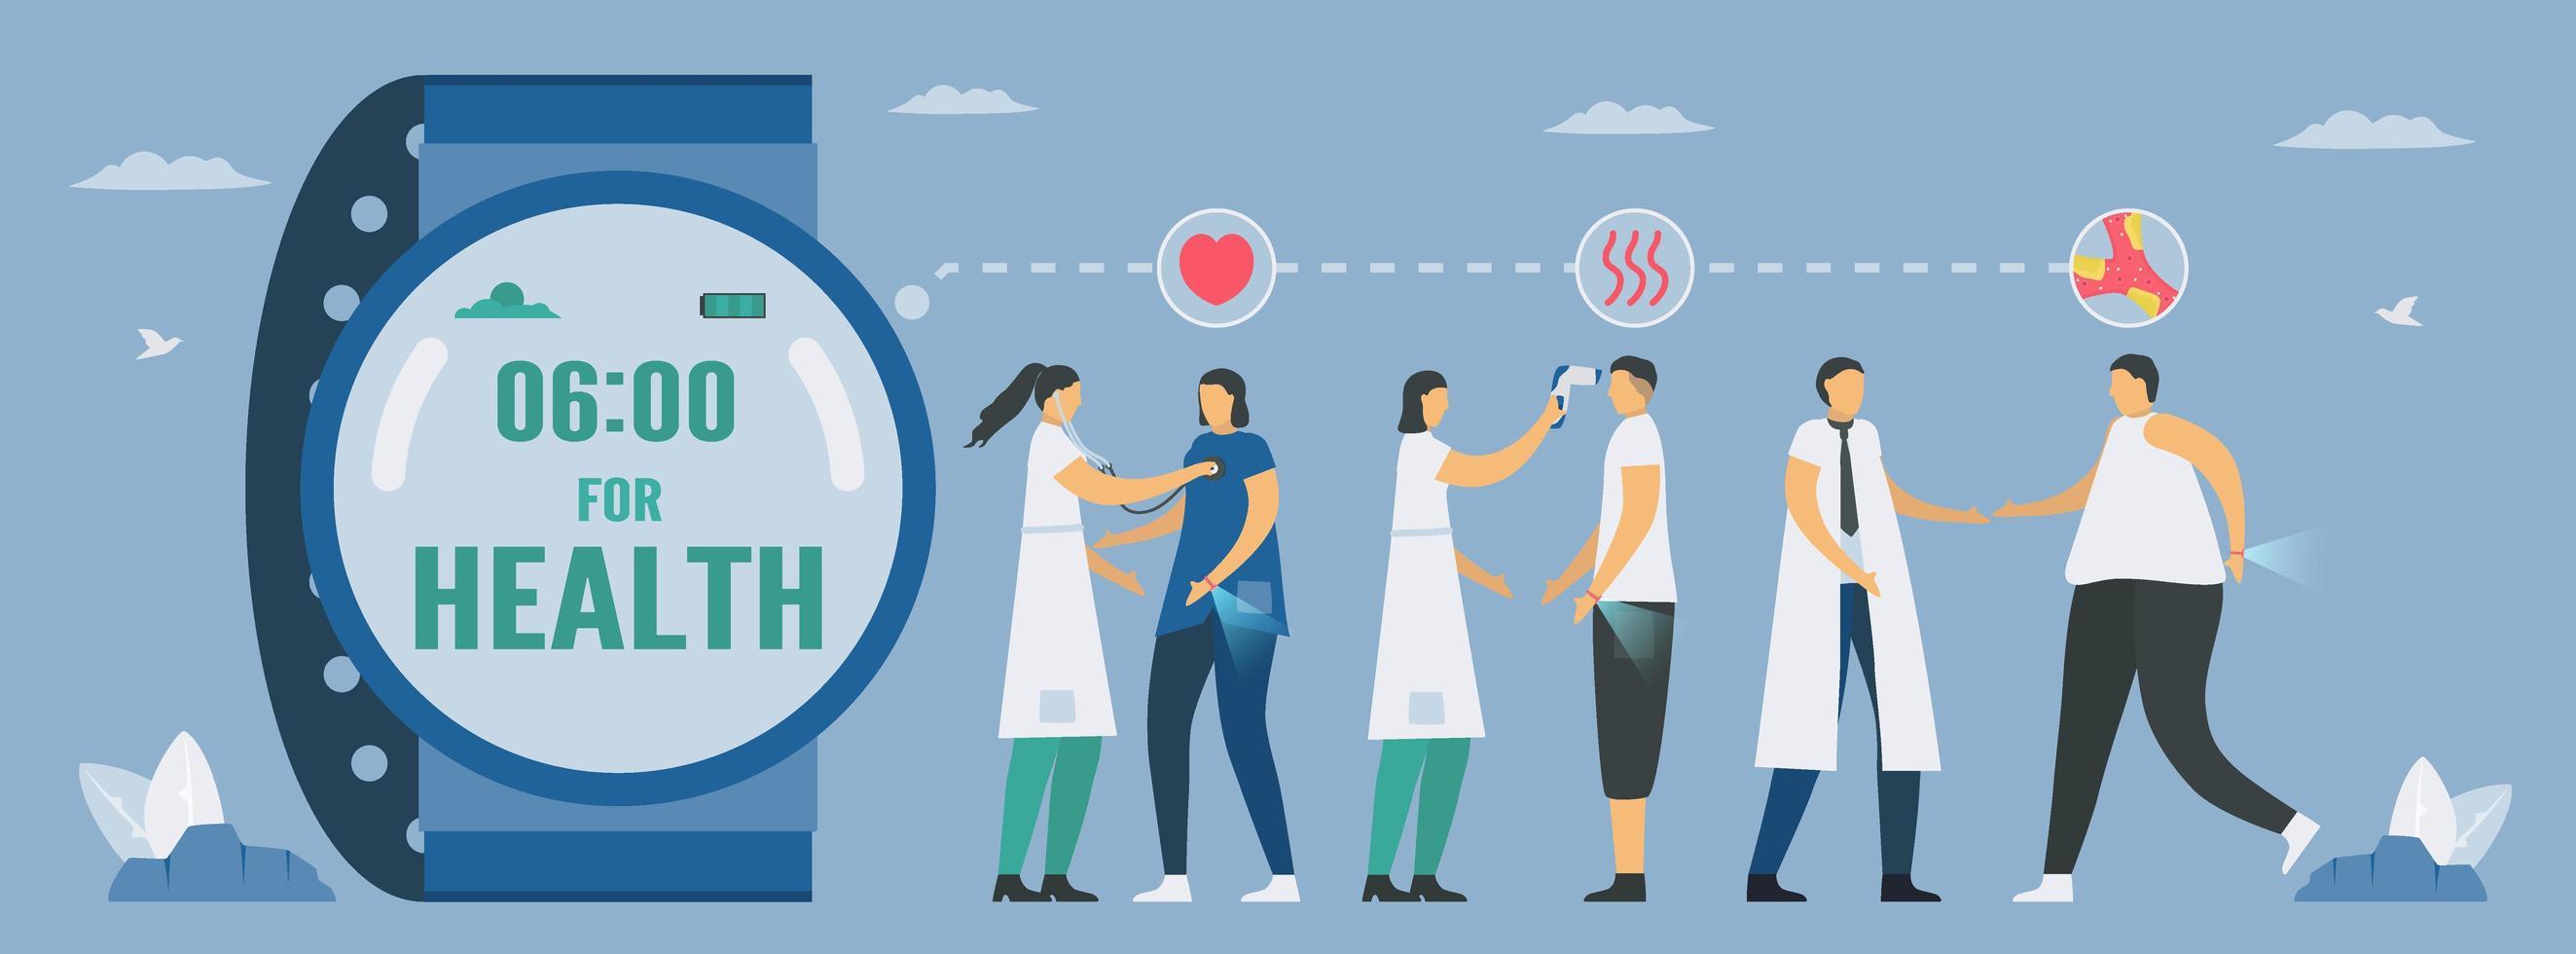 smartwatch para o futuro projeto de tecnologia em saúde vetor